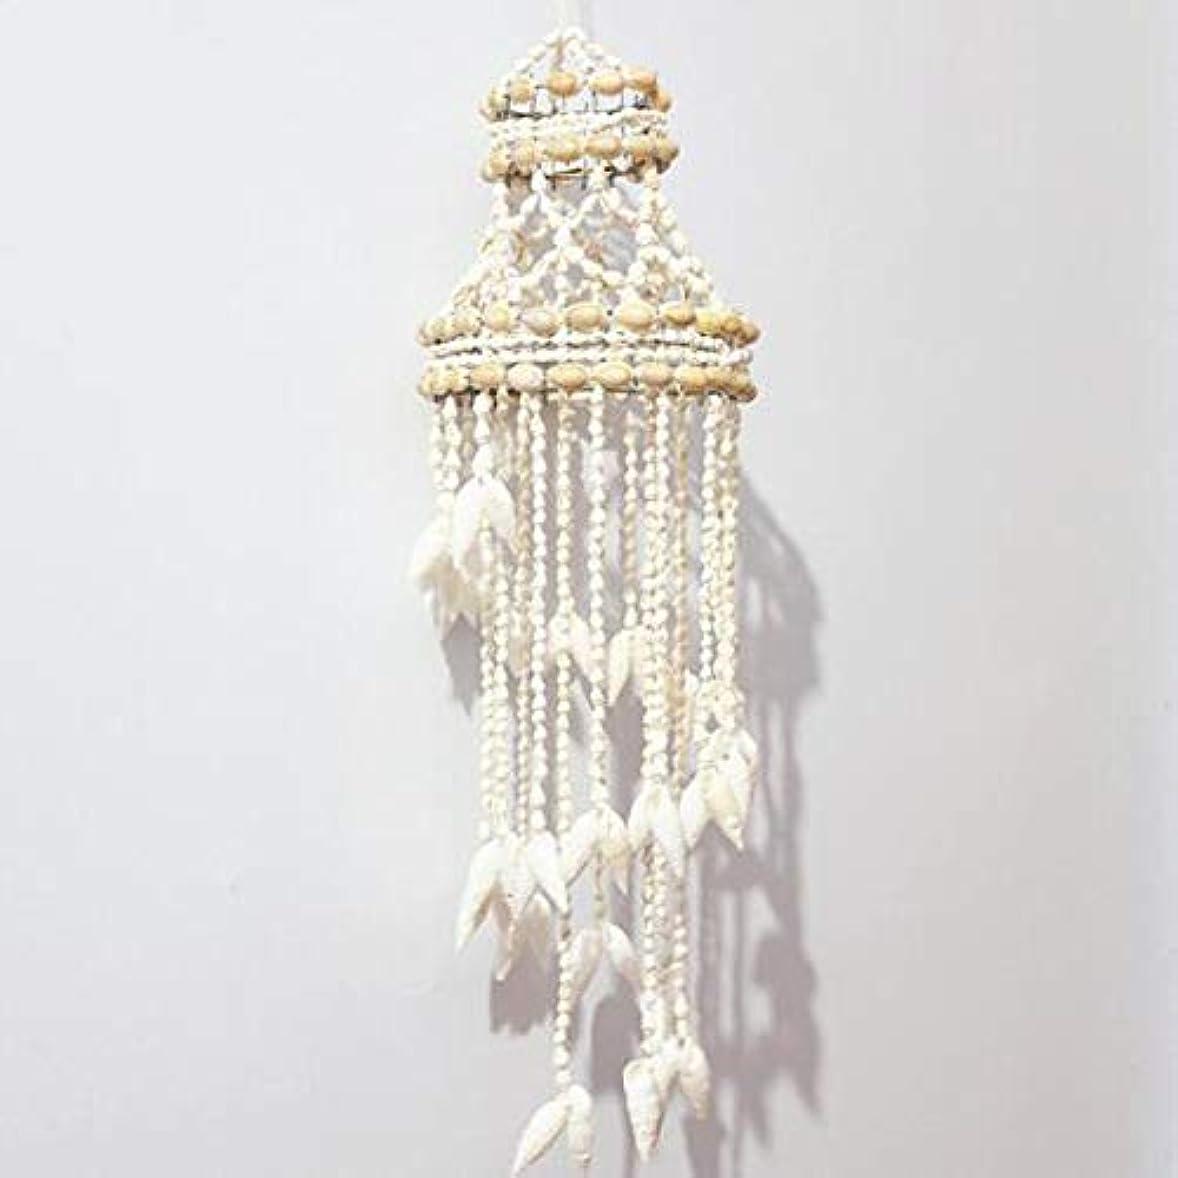 サイト処方する急行するJielongtongxun 風チャイム、ナチュラル手作りシェル風の鐘、ホワイト、約長さ50cm,絶妙な飾り (Color : B)